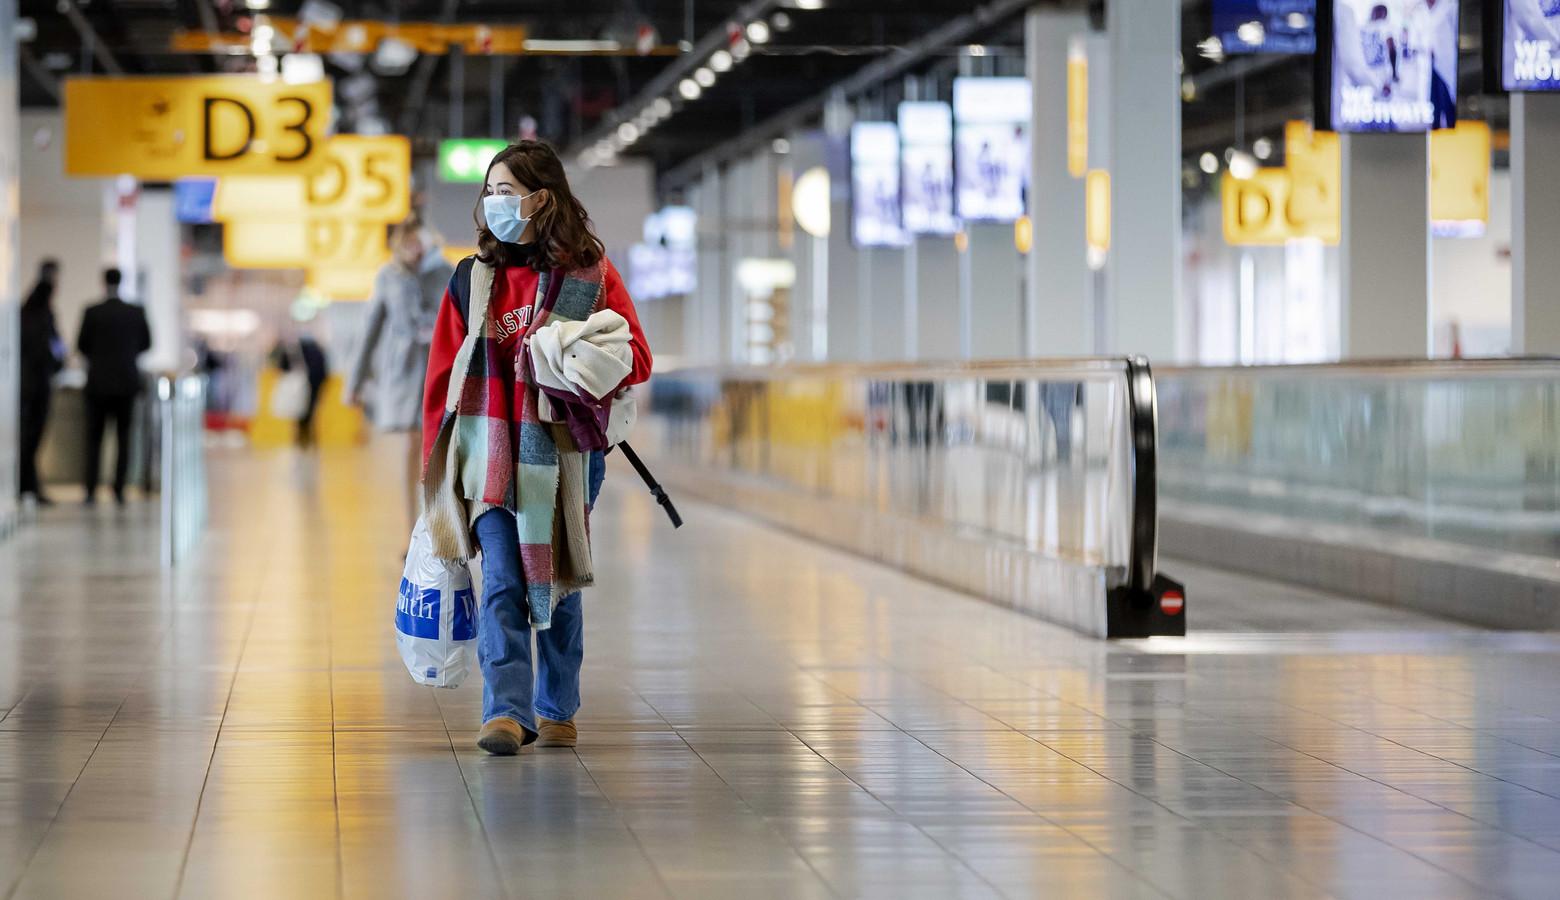 Een eenzame passagier in de vertrekhal van Schiphol gedurende de eerste maanden van de coronacrisis. Vooral bedrijven in de luchtvaart, reisbemiddeling en reisorganisatie hadden de eerste zes maanden van dit jaar te lijden onder het vrijwel stilgevallen toerisme.